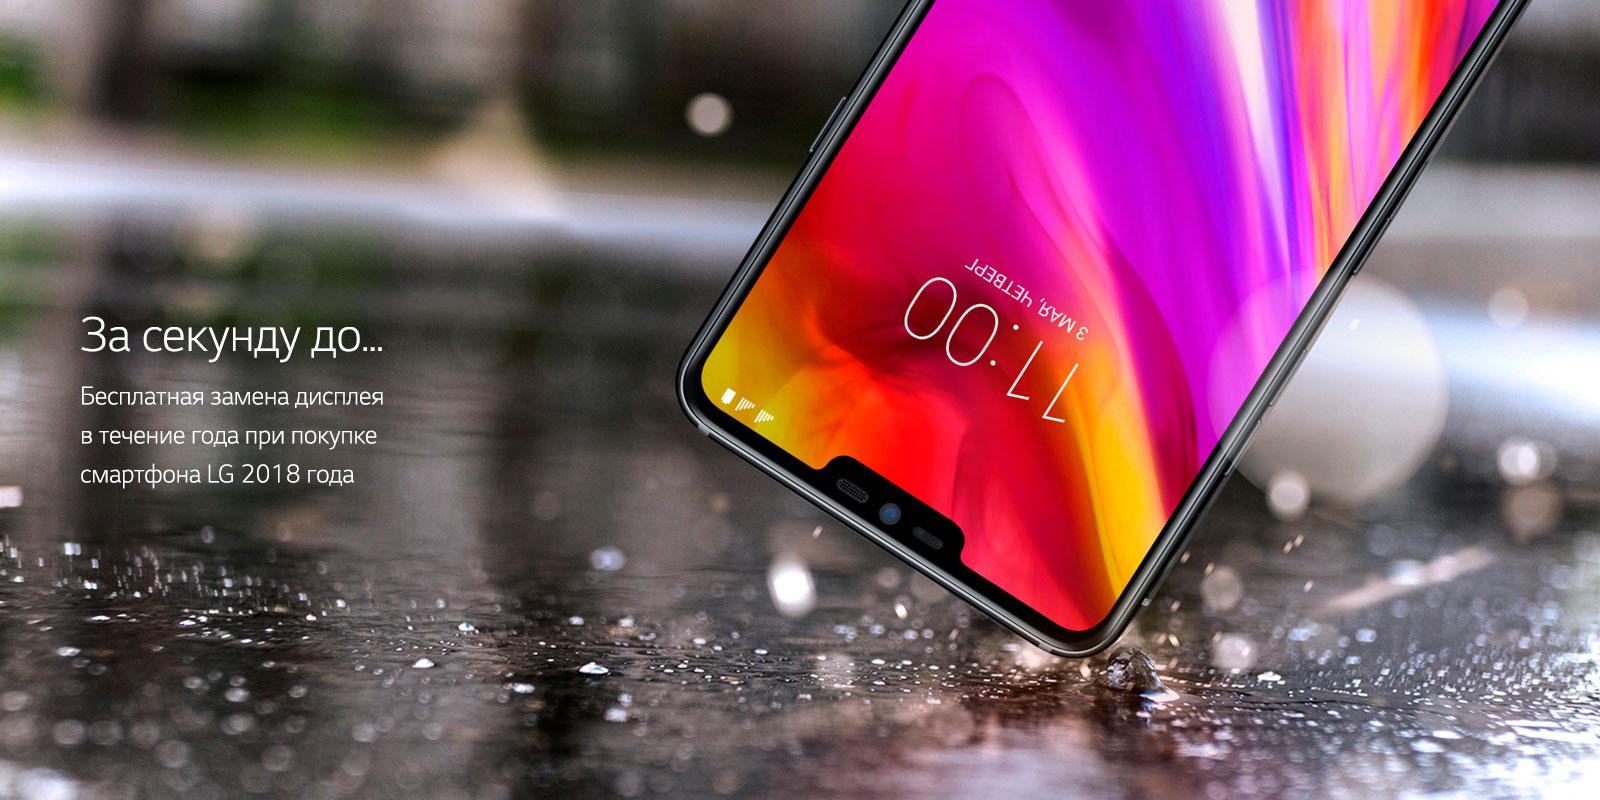 LGобещает замену экранов для смартфонов, попавших вакцию